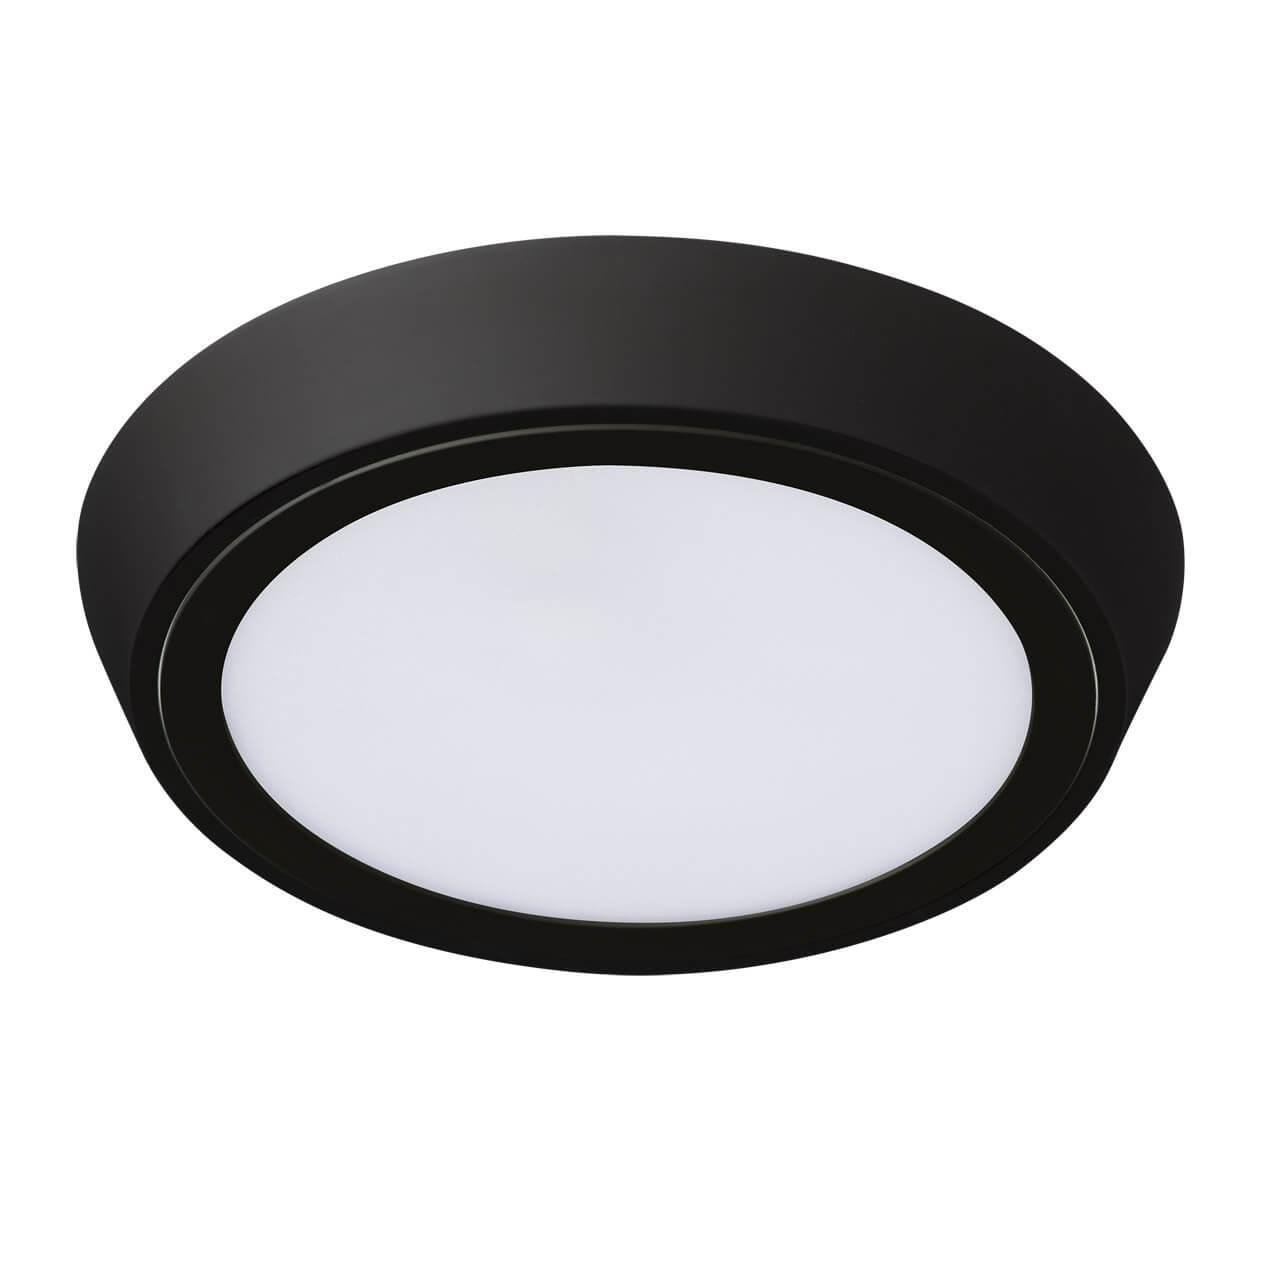 Светильник Lightstar 216974 Urbano